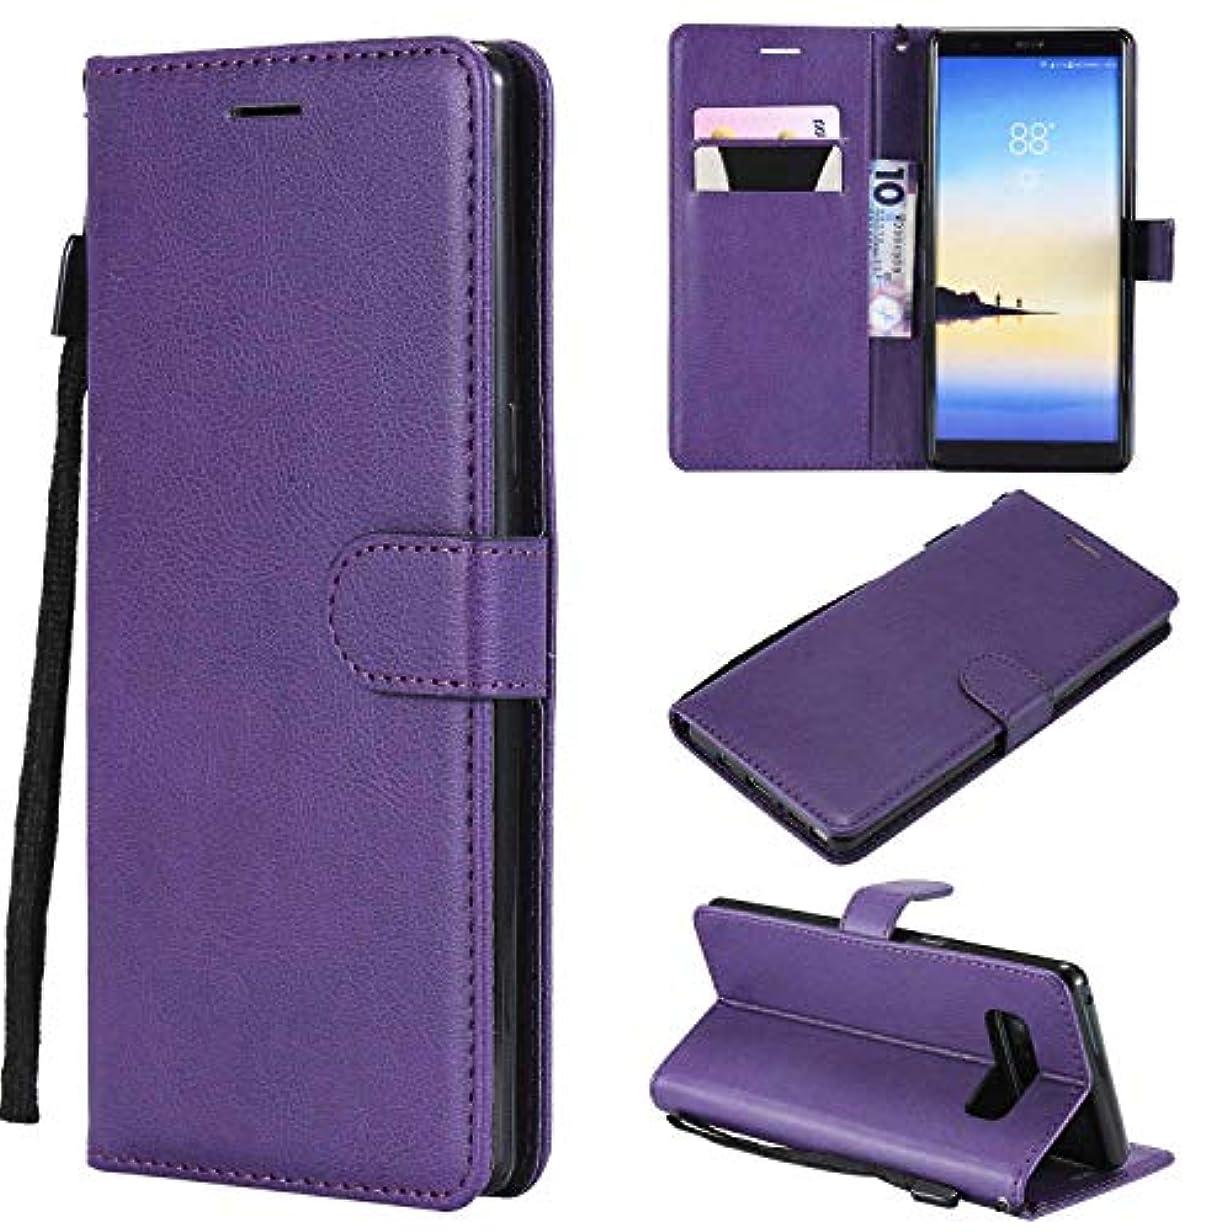 無駄な懺悔熱心Galaxy Note 8 ケース手帳型 OMATENTI レザー 革 薄型 手帳型カバー カード入れ スタンド機能 サムスン Galaxy Note 8 おしゃれ 手帳ケース (5-パープル)